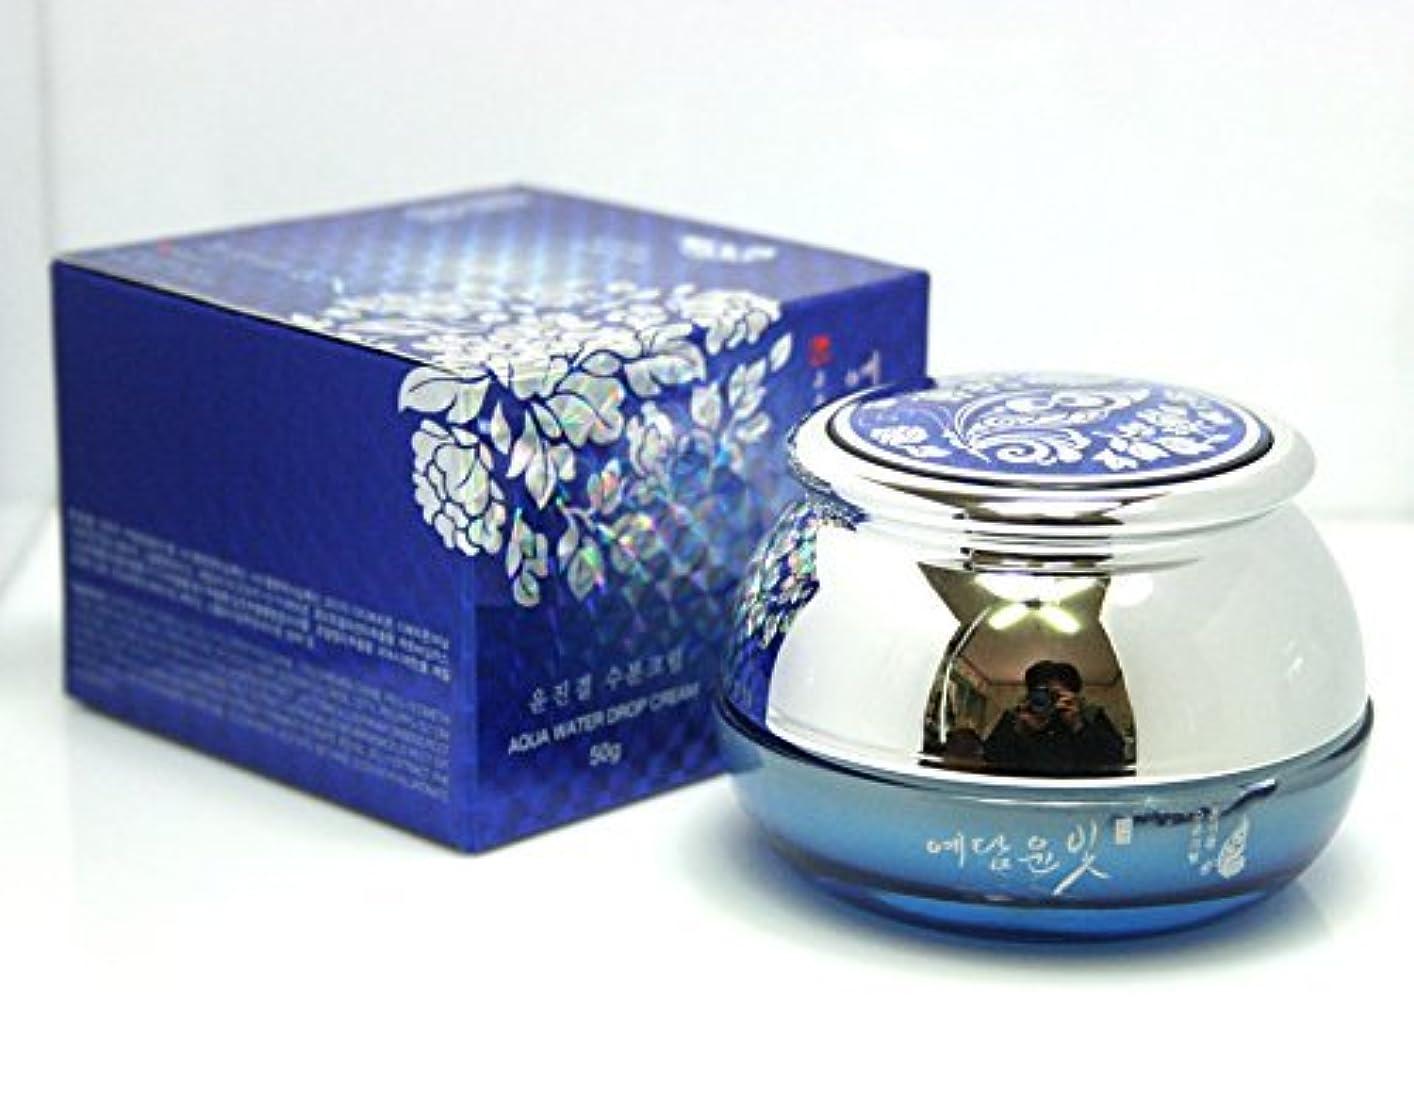 中国熱摩擦[YEDAM YUN BIT] Yunjin Gyeolアクアウォータードロップクリーム50g / オリエンタルハーブ / 韓国化粧品 / Yunjin Gyeol Aqua Water Drop Cream 50g / Oriental Herb / Korean Cosmetics [並行輸入品]